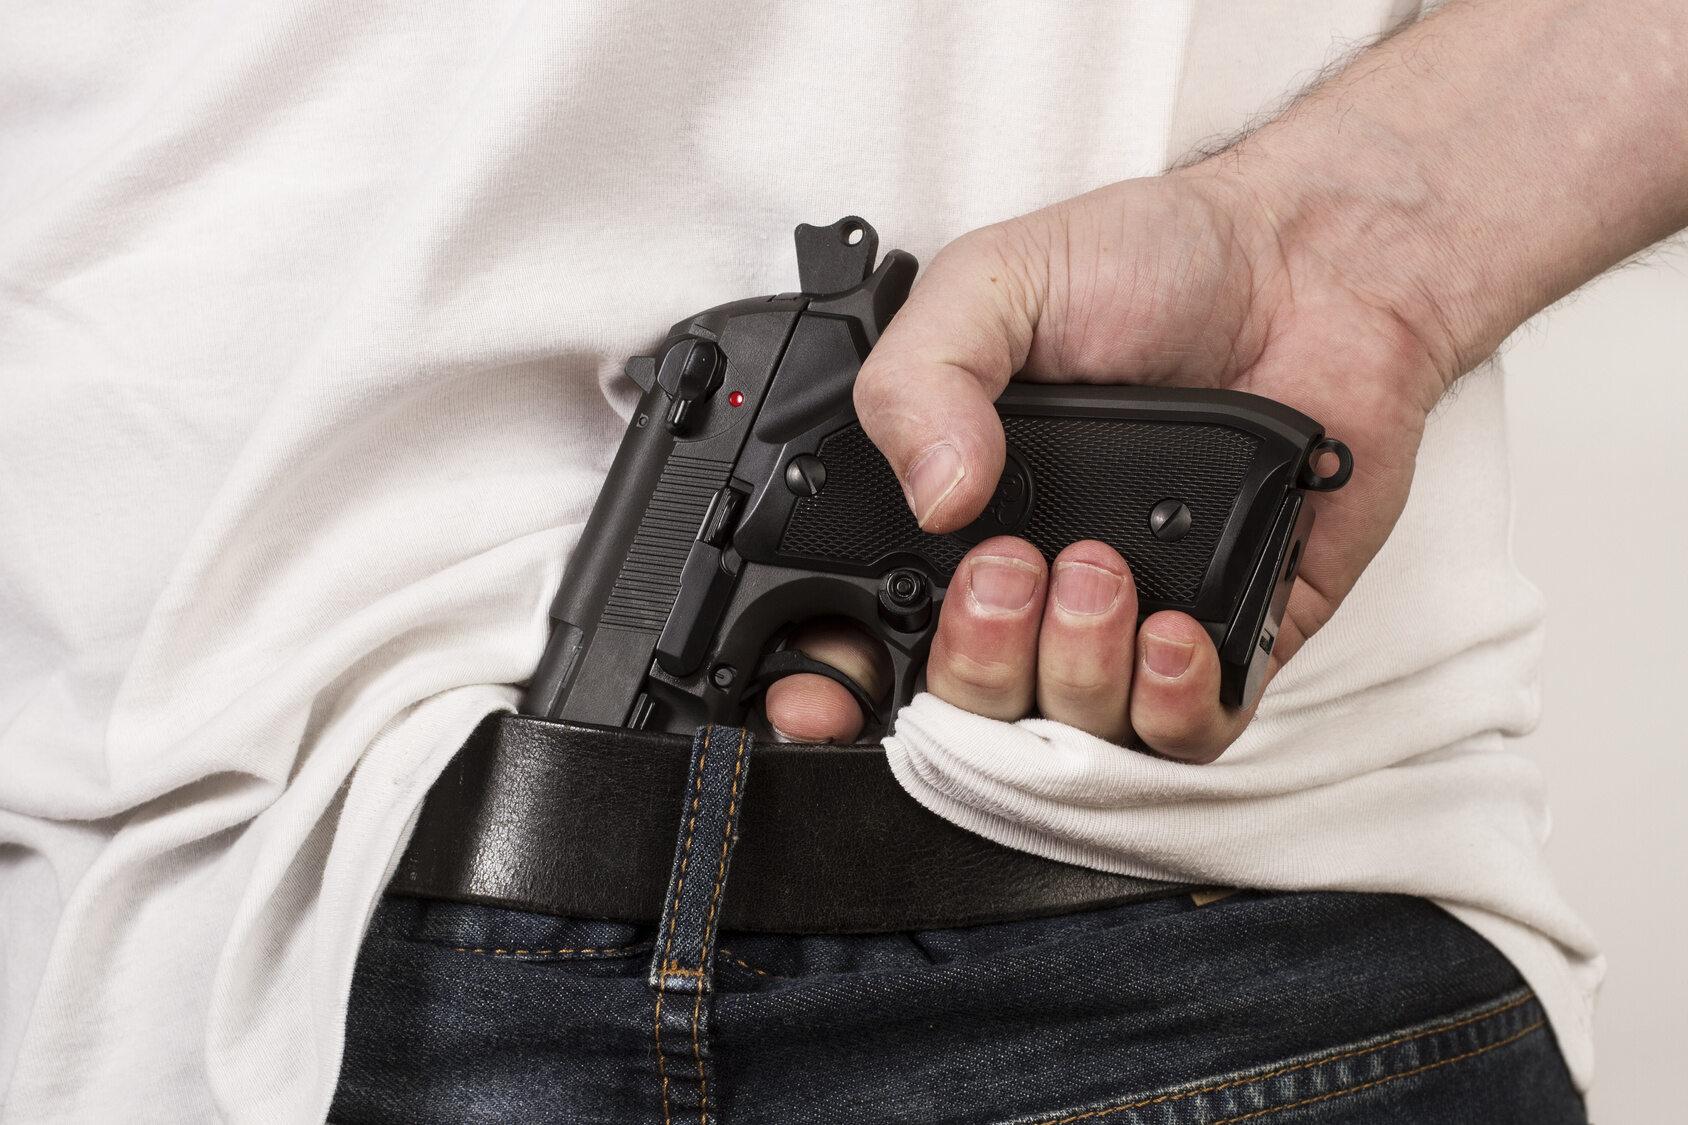 Pistolet, zdjęcie ilustracyjne